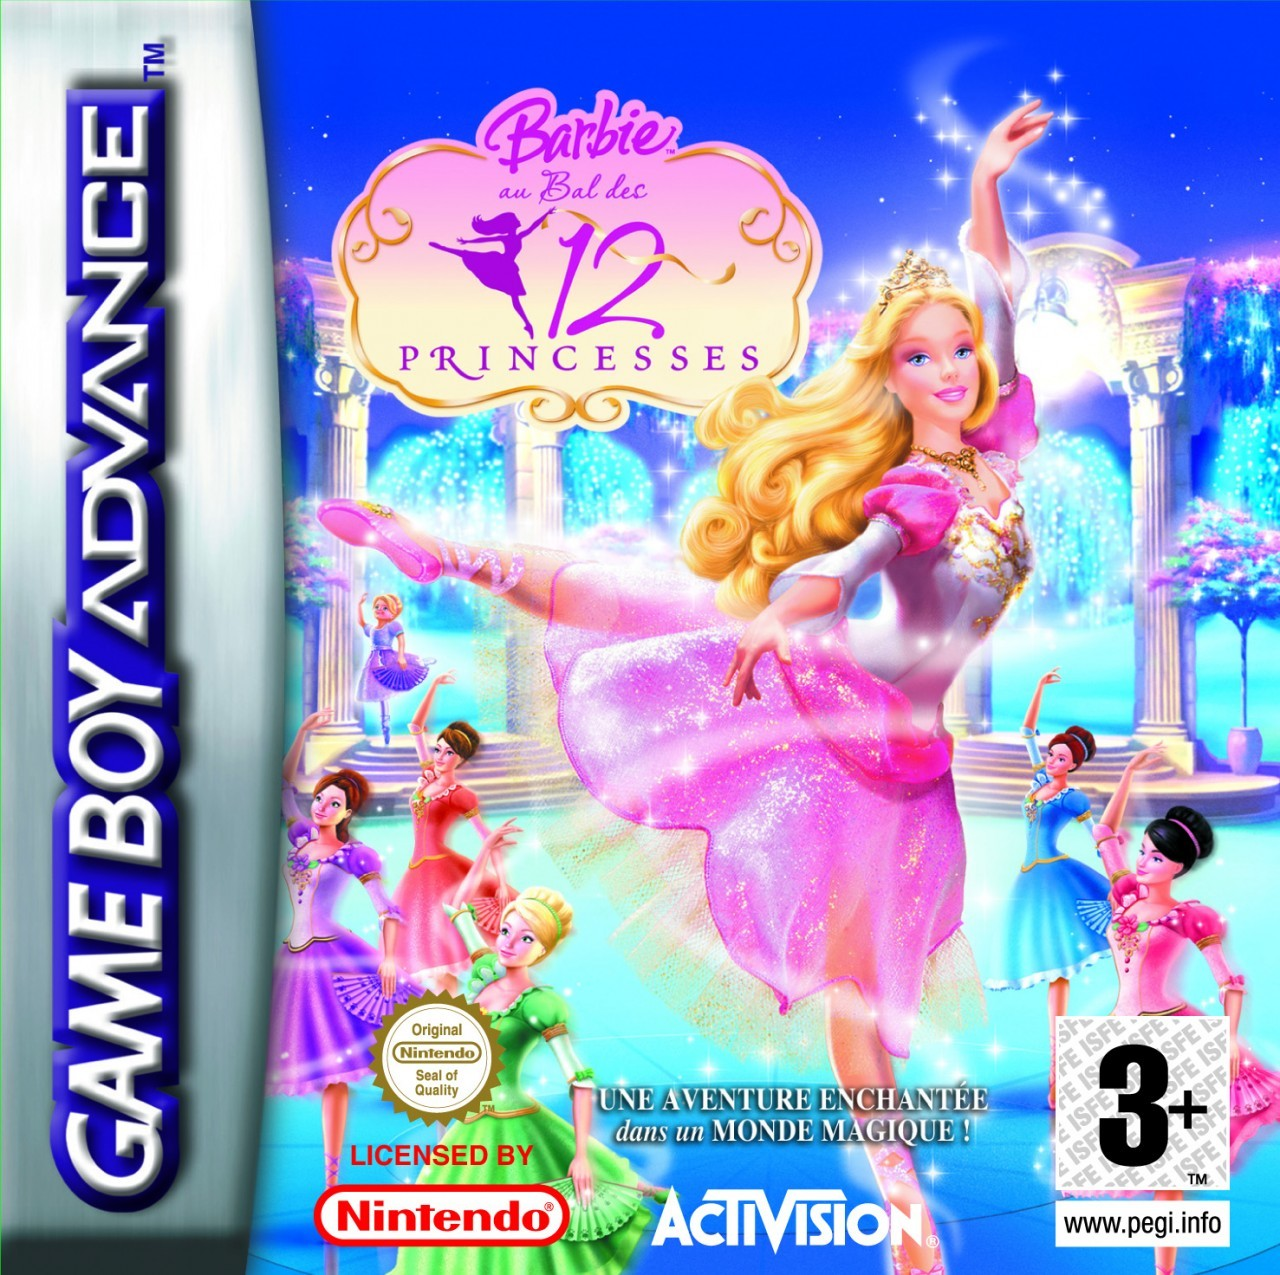 telecharger jeux de barbie pc